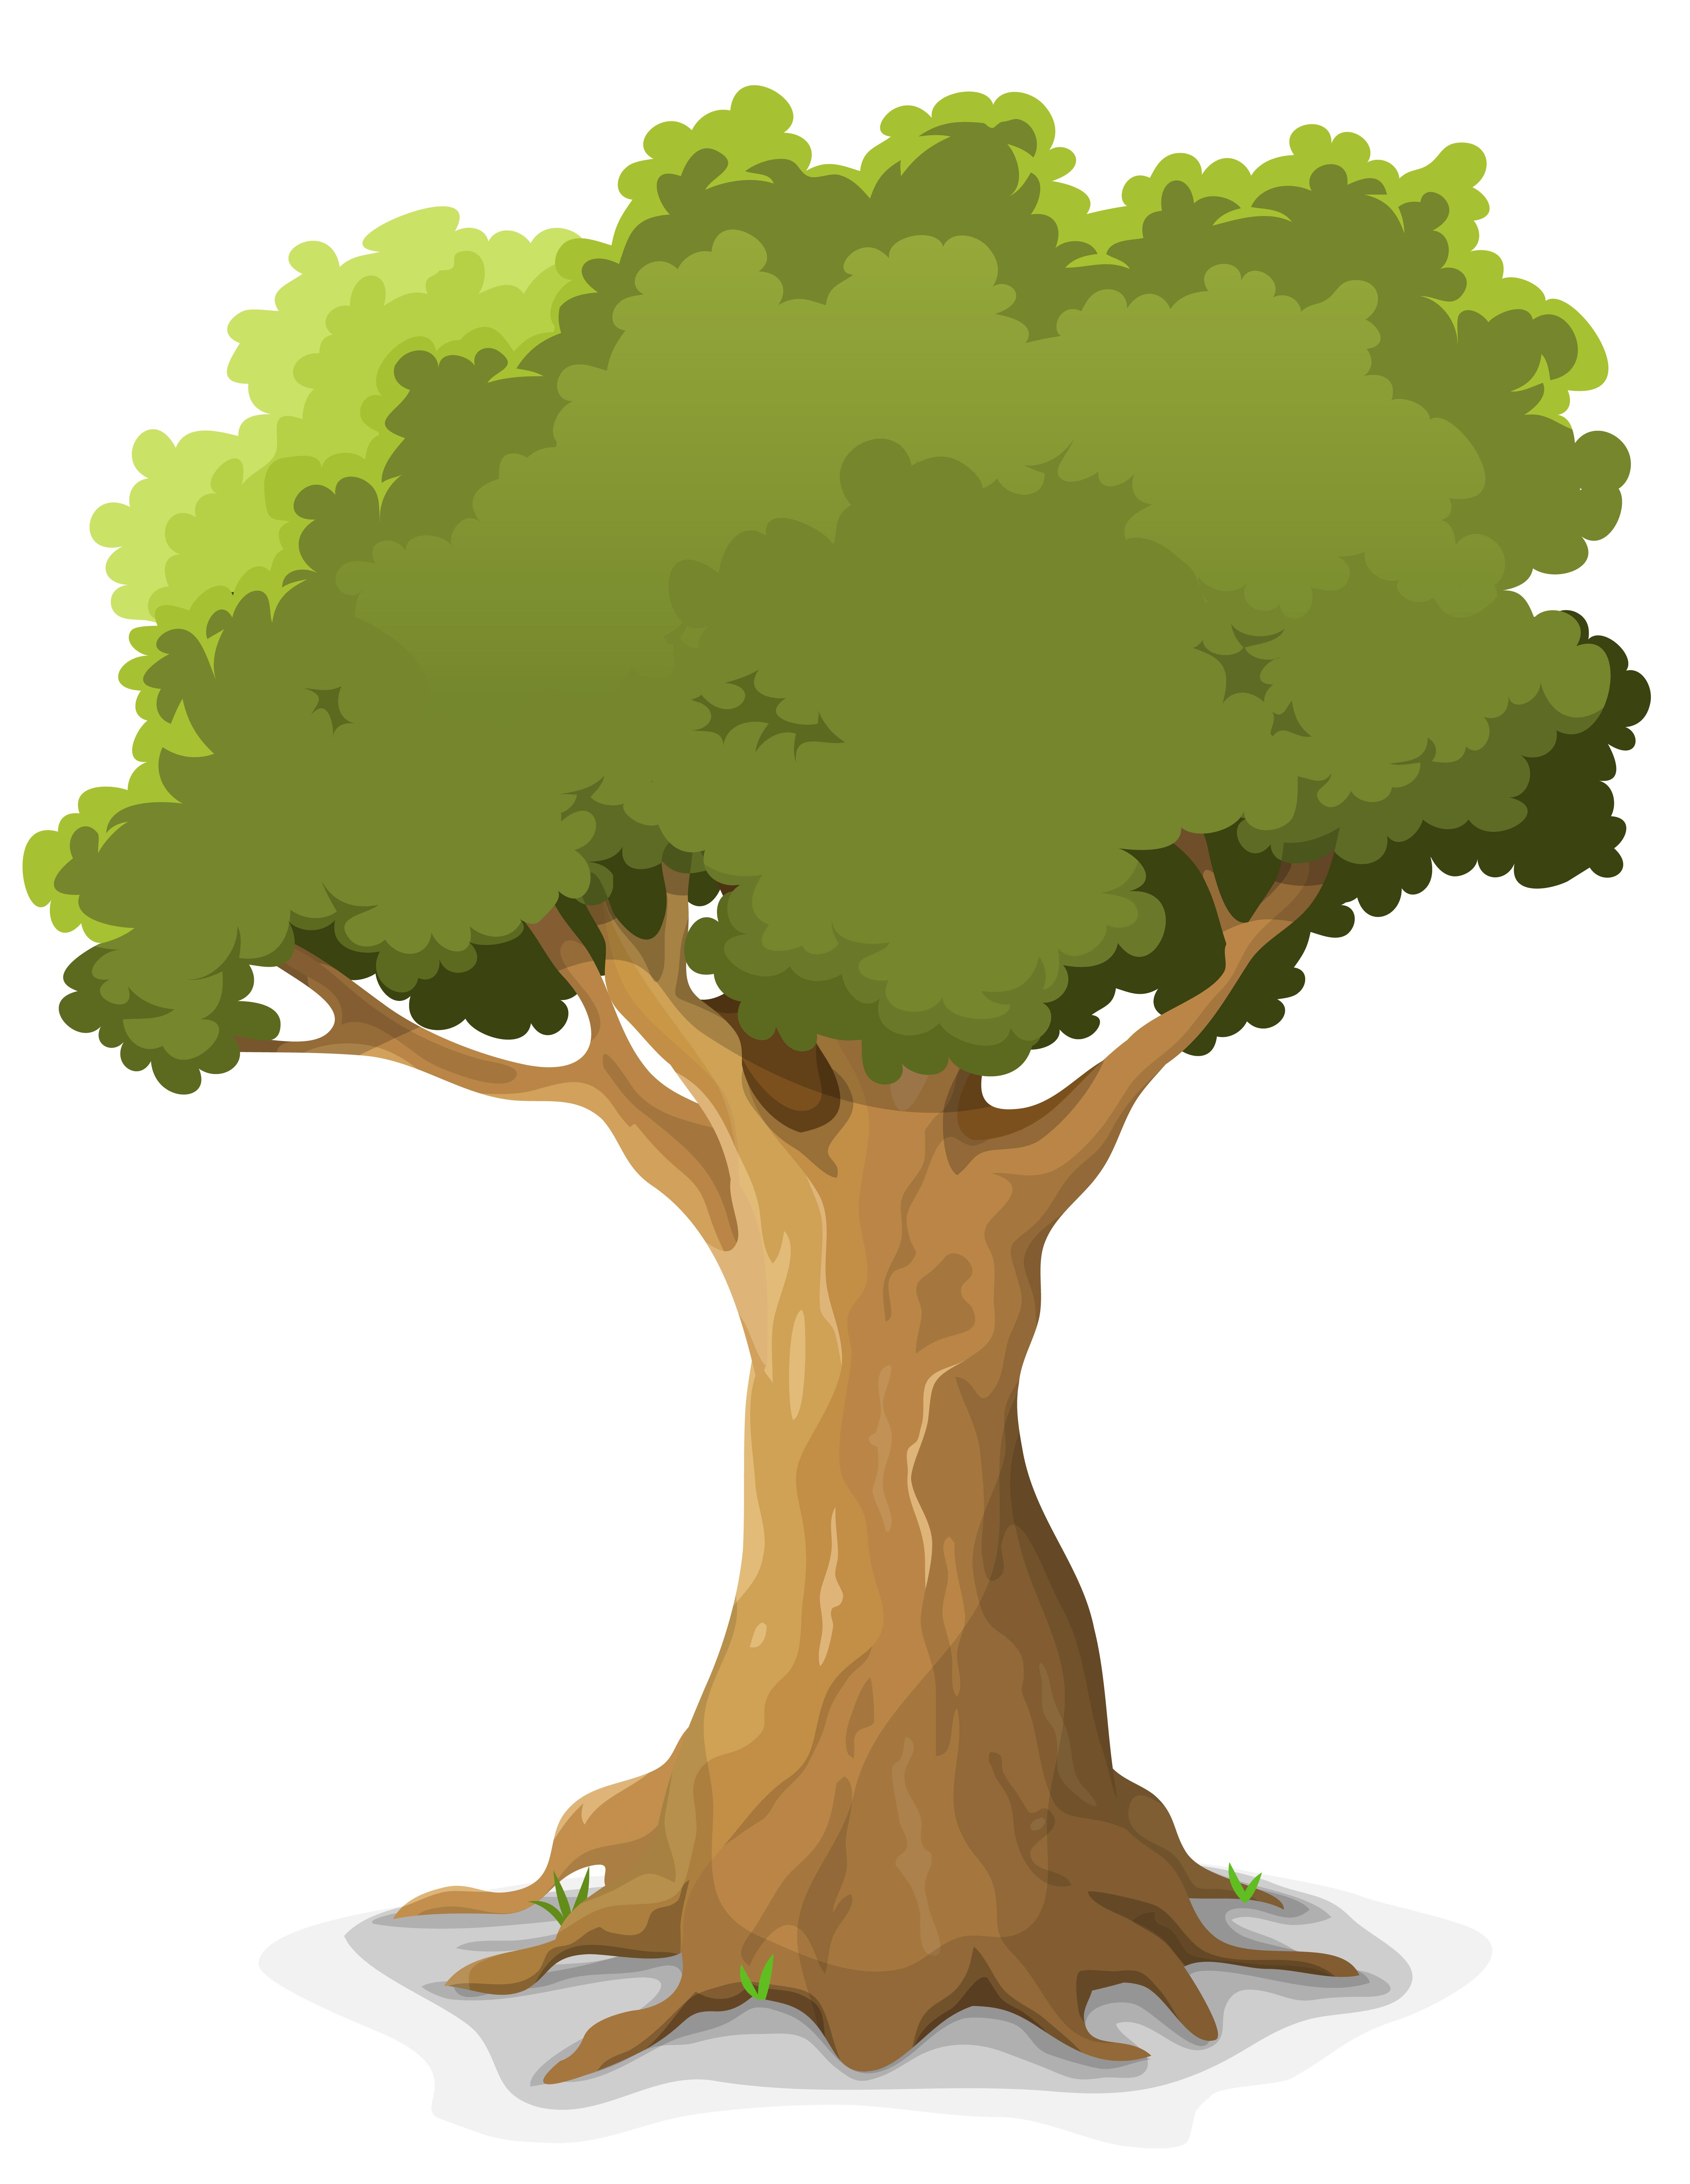 Oak Tree With Roots Sketch Spring Oak Tree - Down...